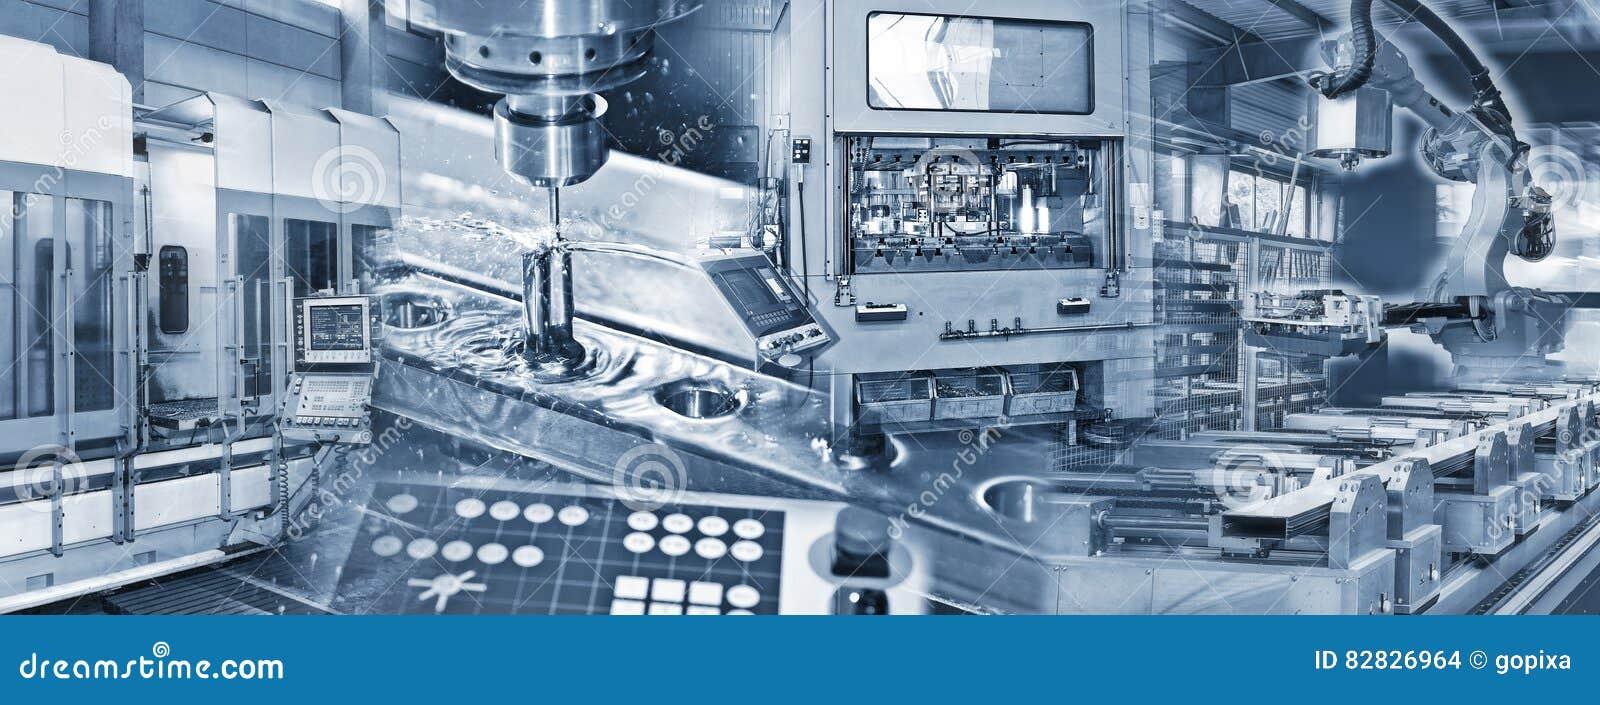 Produkcja w przemysle